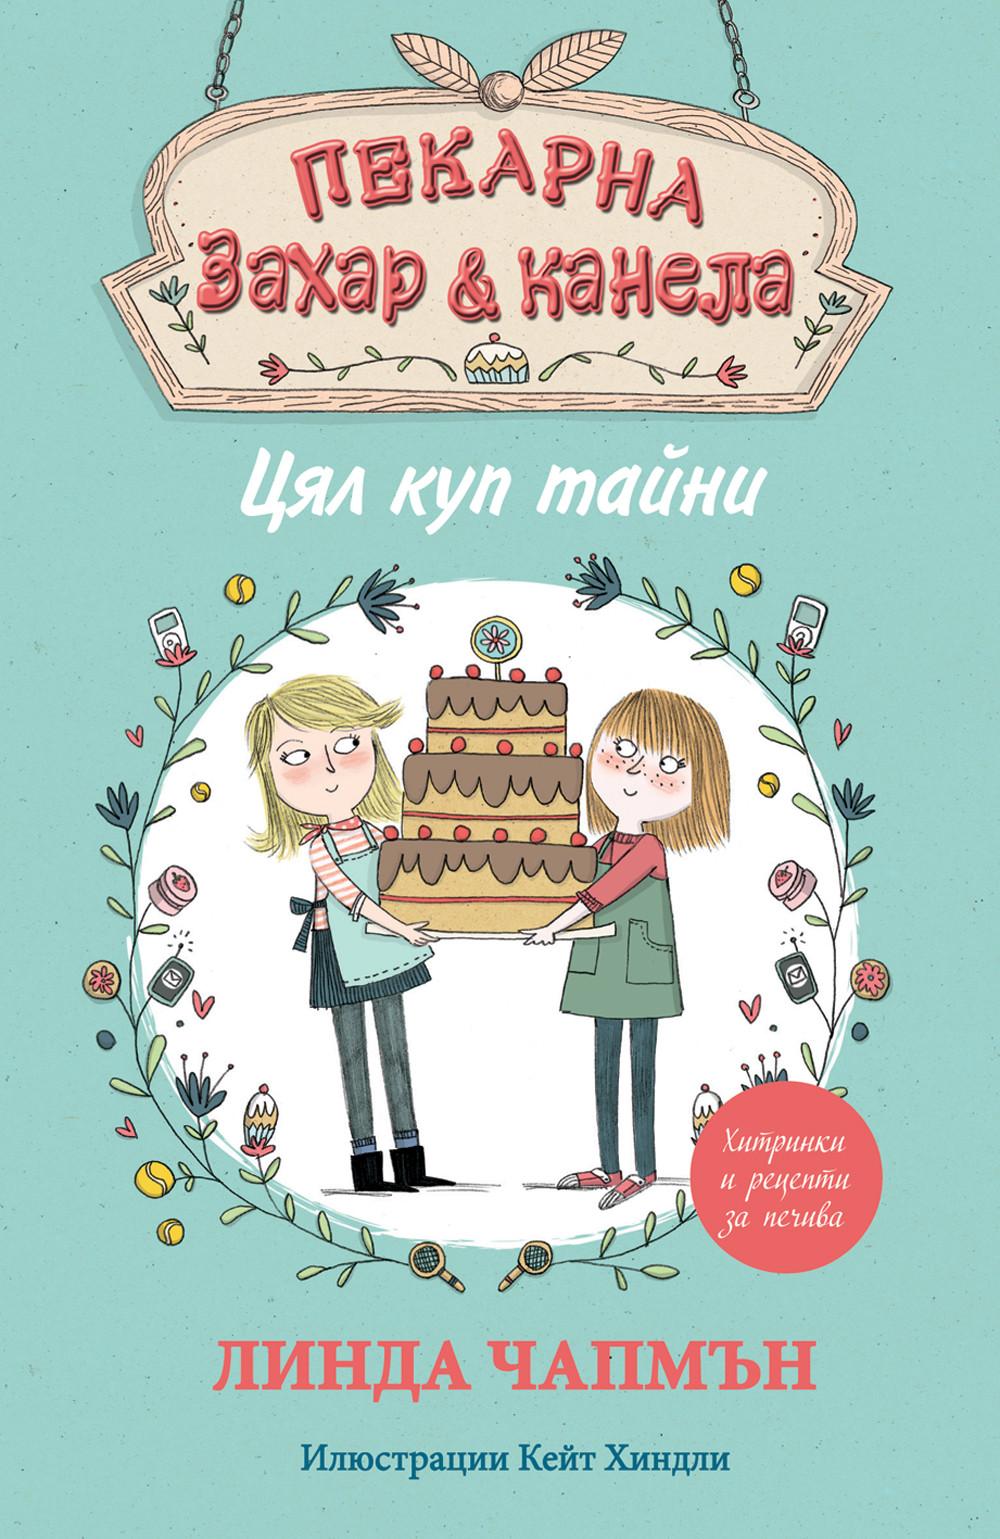 """Пекарна """"Захар и канела"""" - ЦЯЛ КУП ТАЙНИ"""